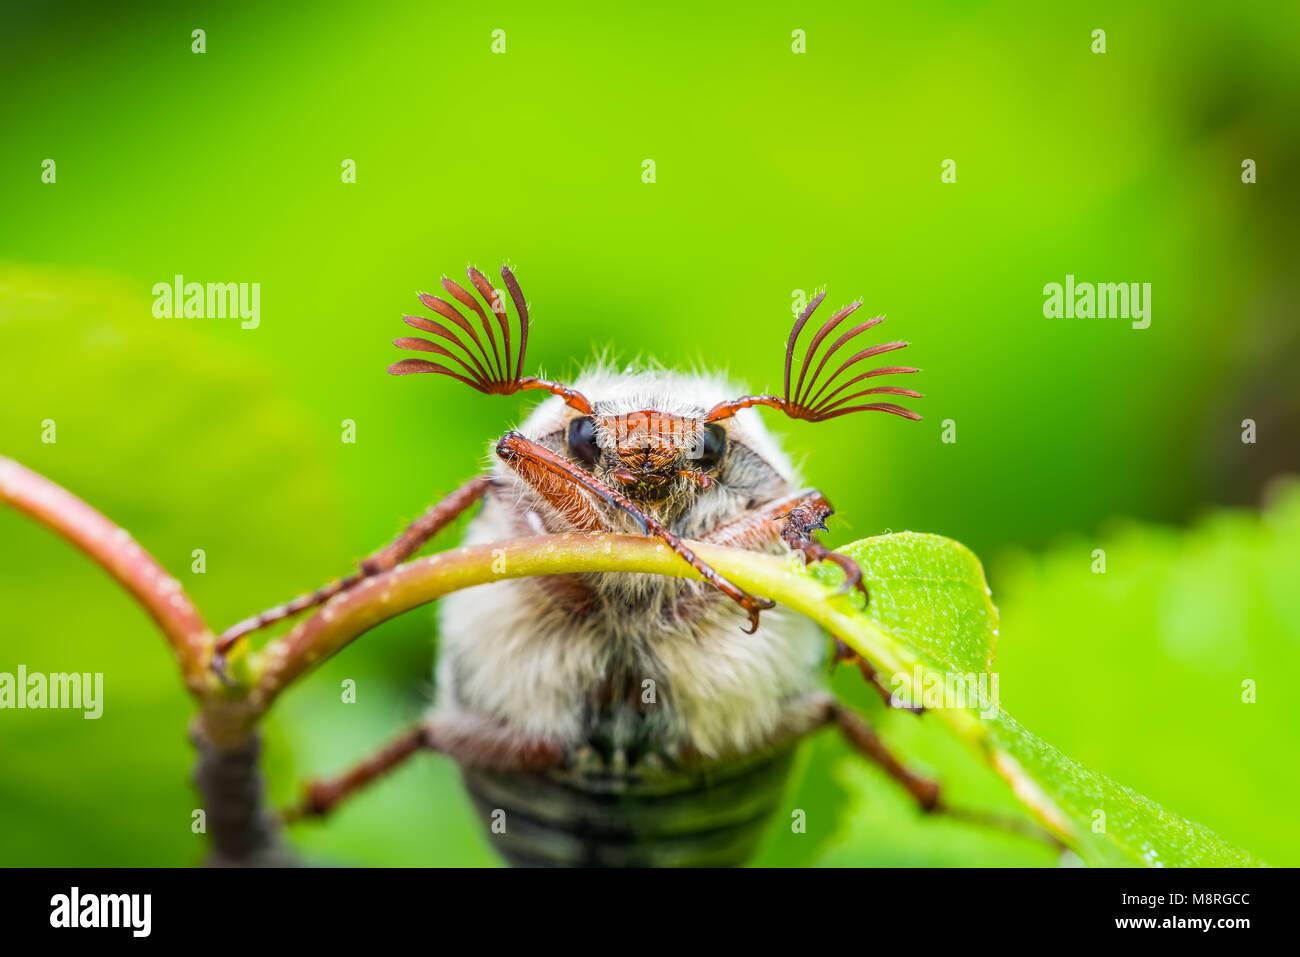 Cockchafer Melolontha può Beetle Bug Macro di insetti Foto Stock